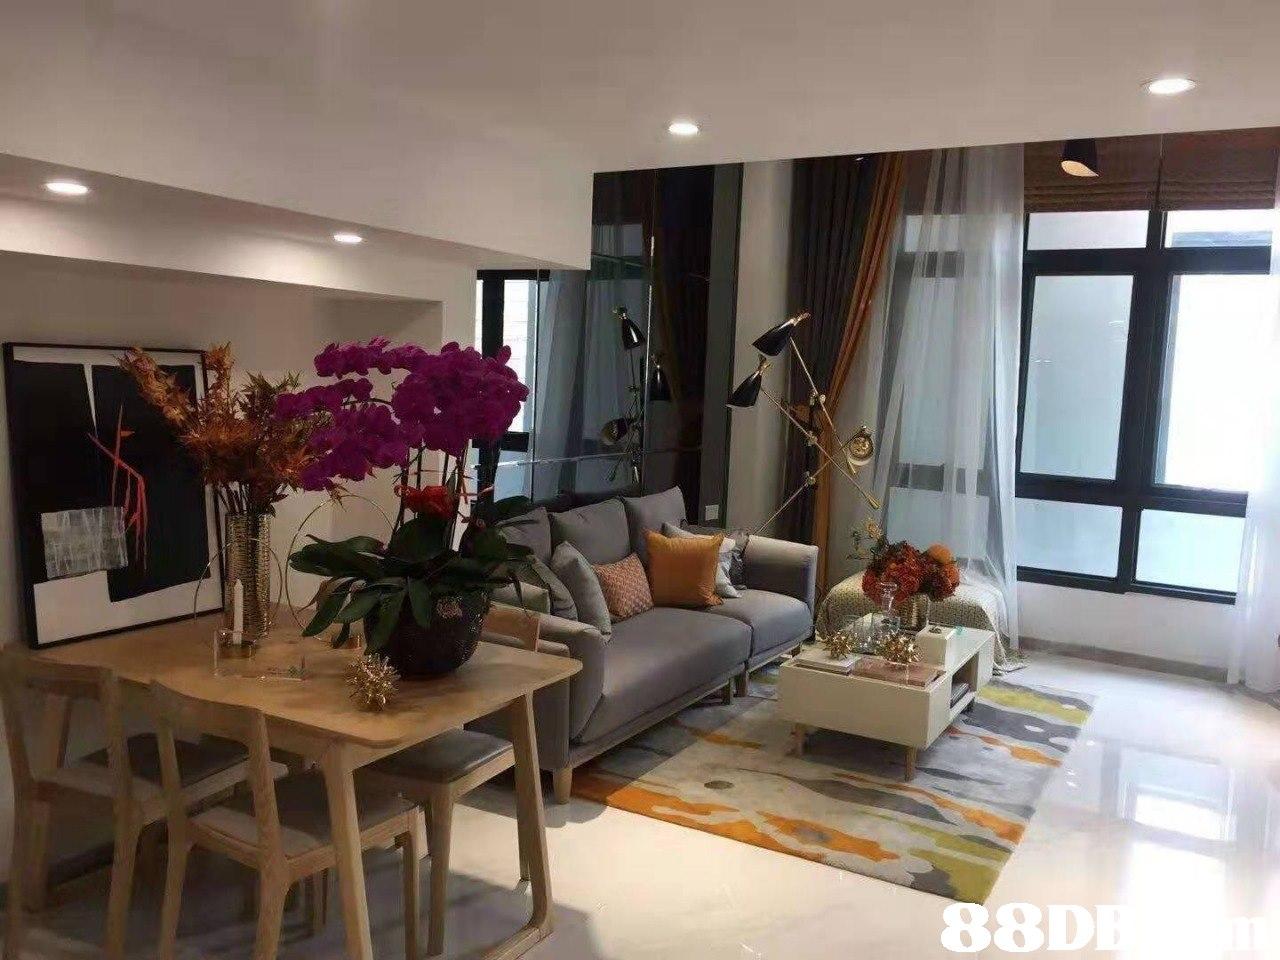 8D  Living room,Room,Interior design,Property,Furniture